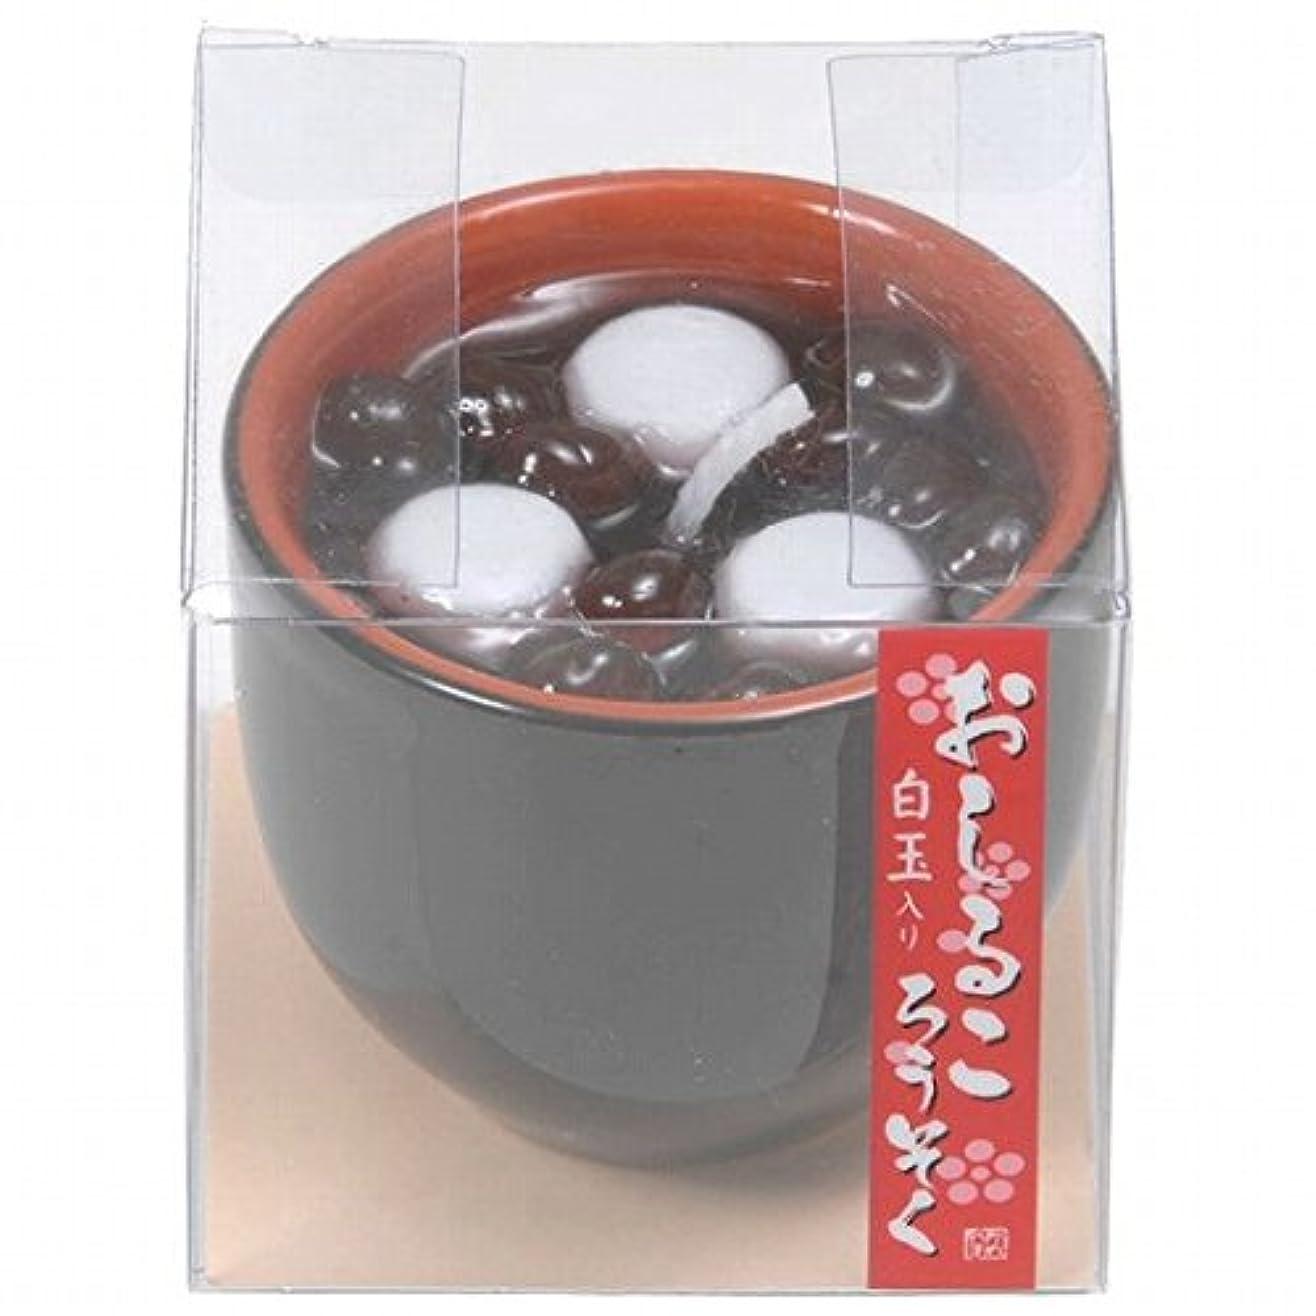 失速死の顎食料品店カメヤマキャンドル( kameyama candle ) おしるころうそく キャンドル